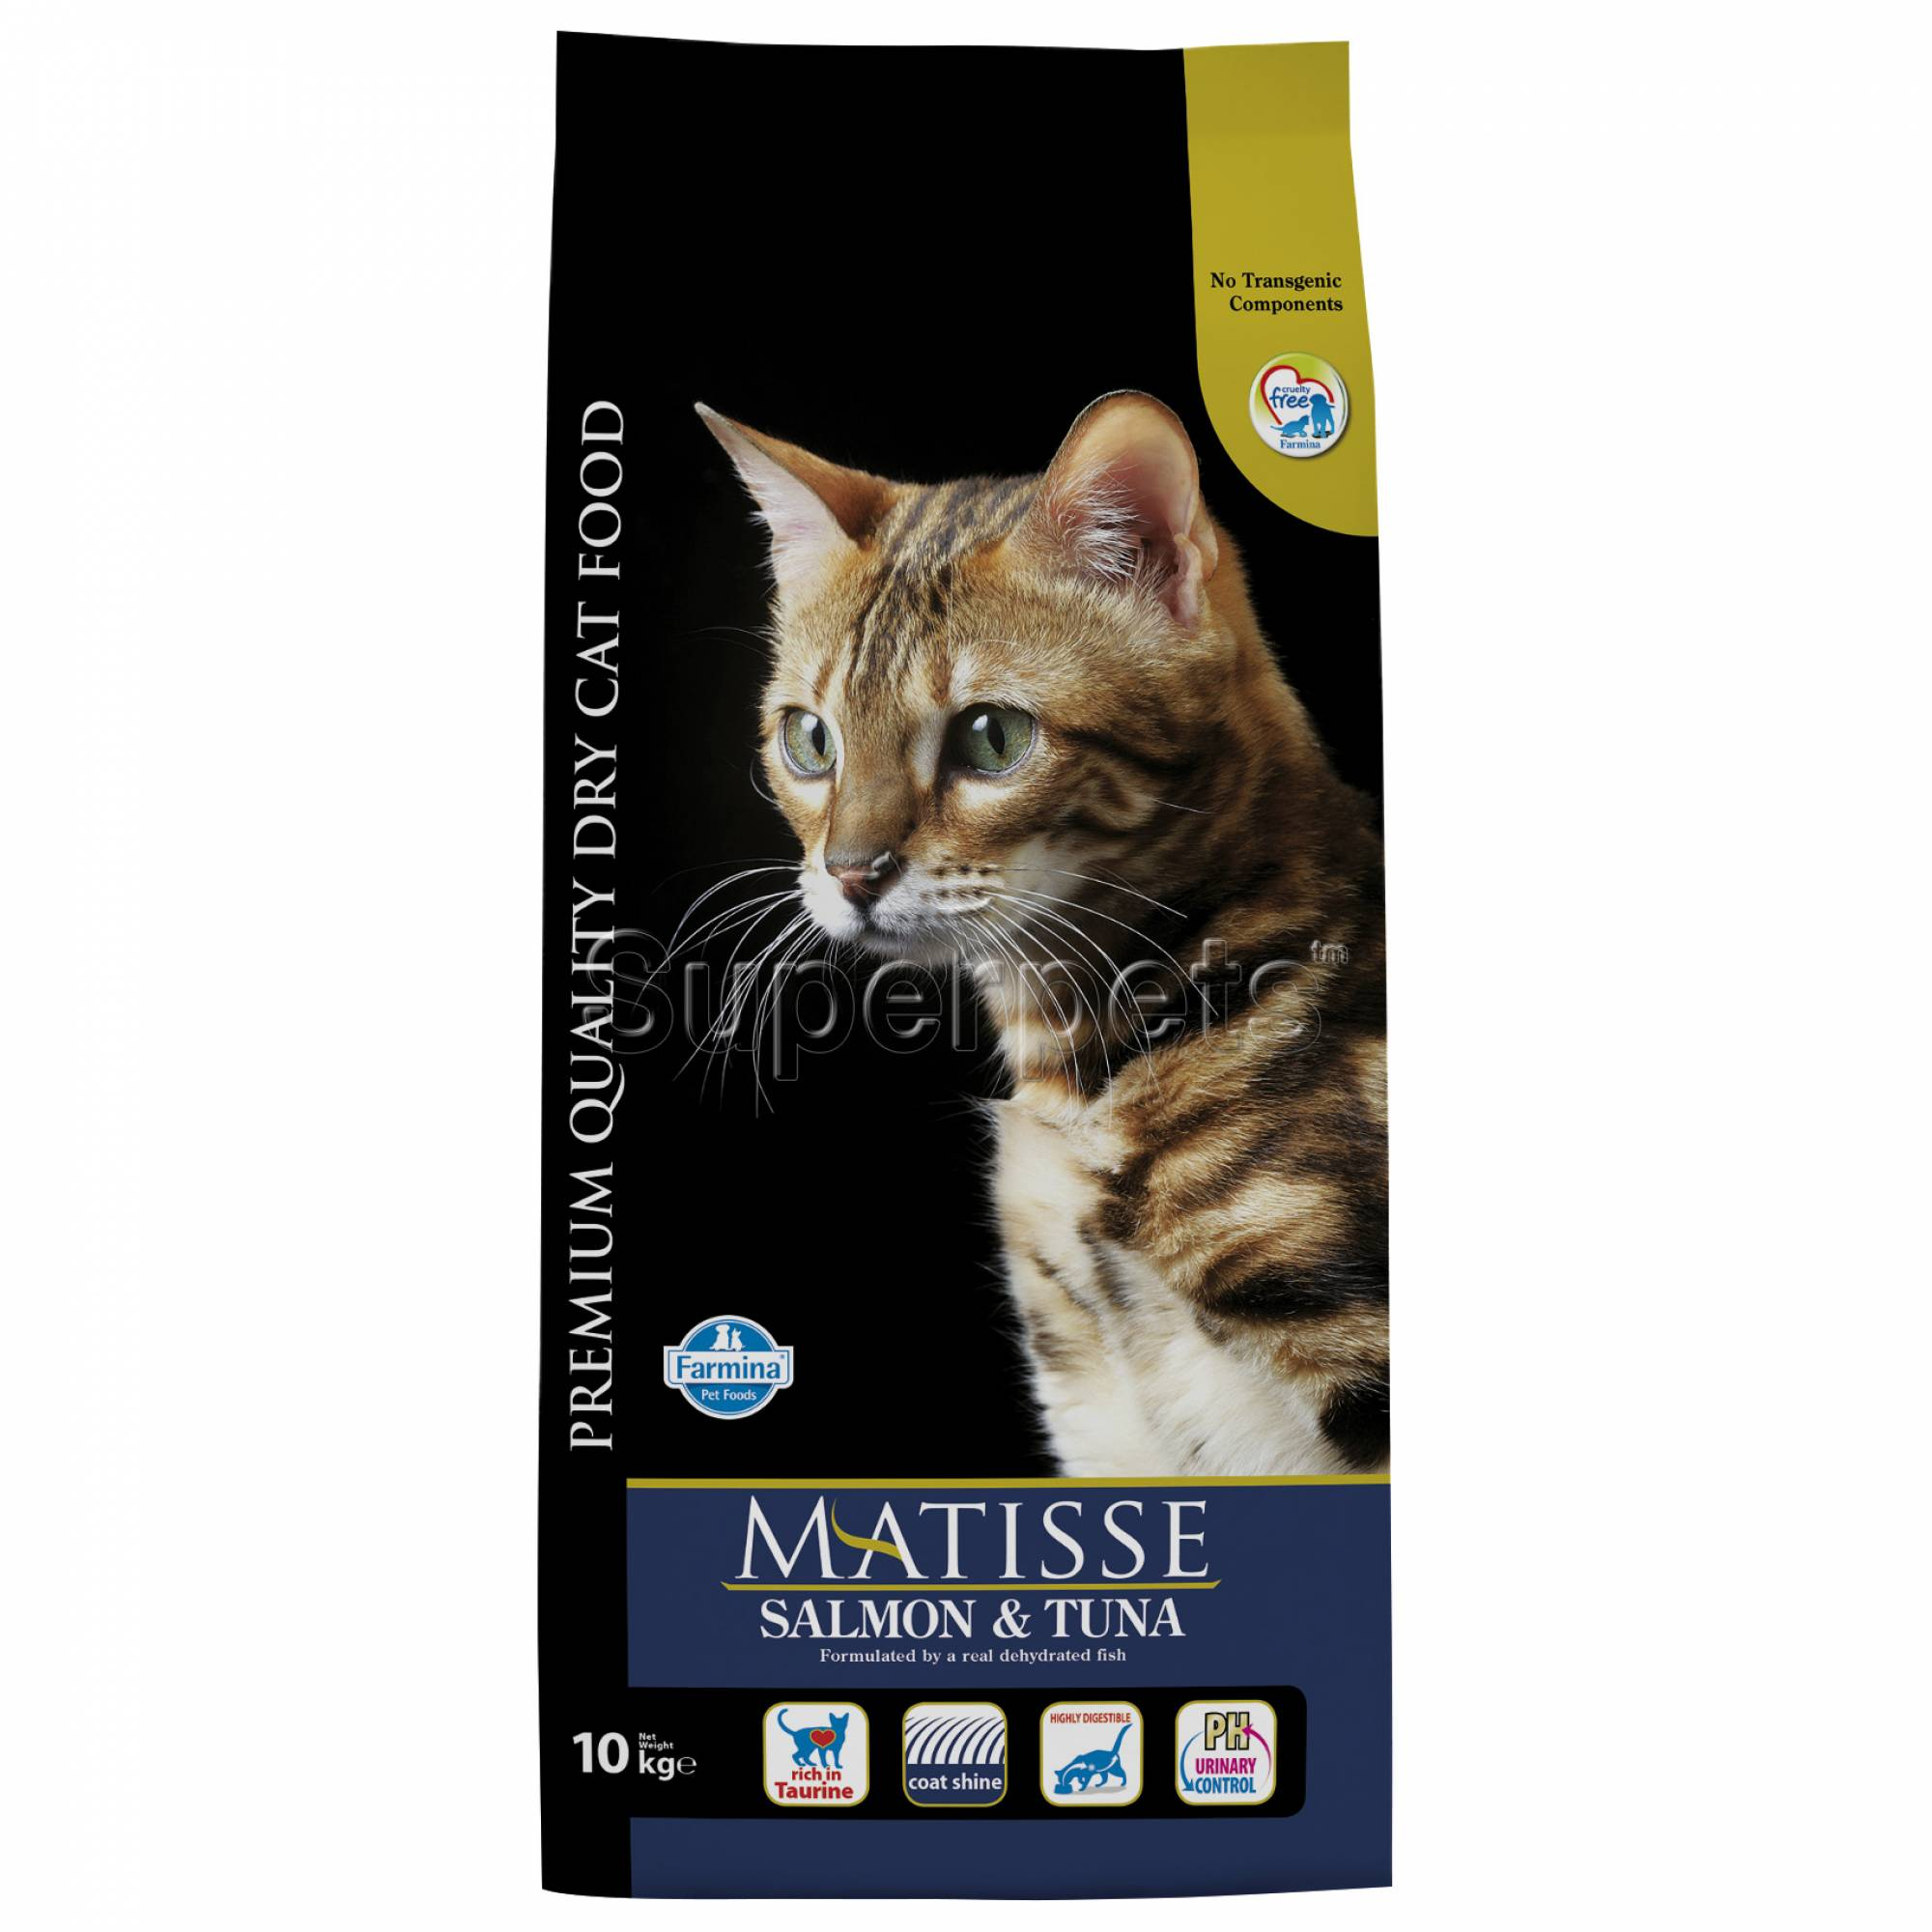 Matisse - Feline Adult - Salmon & Tuna 10kg